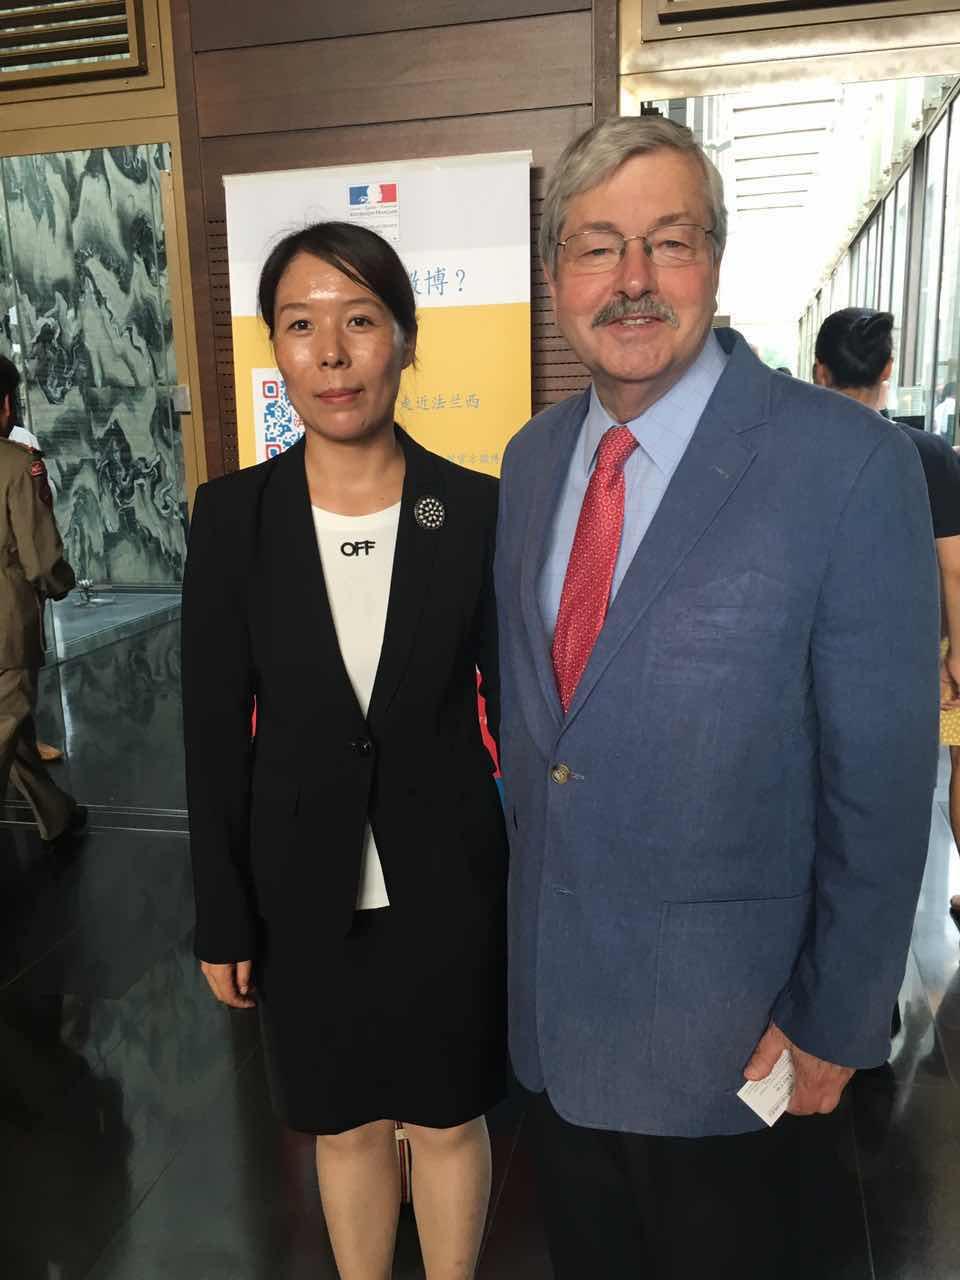 美国驻华大使特里·布兰斯塔德与组委会秘书长崔江红